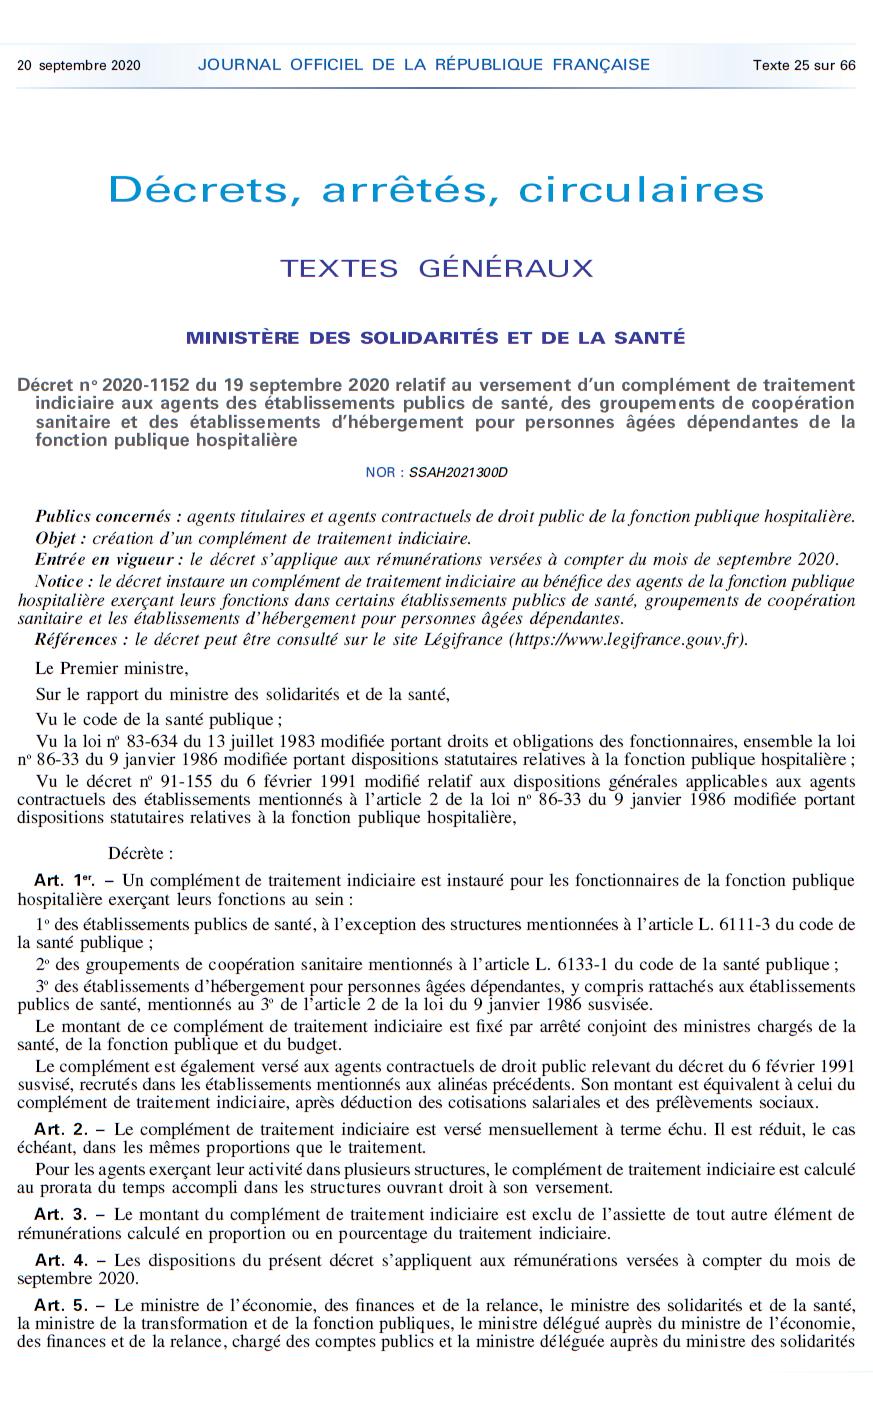 2020 09 20 decret officiel 1